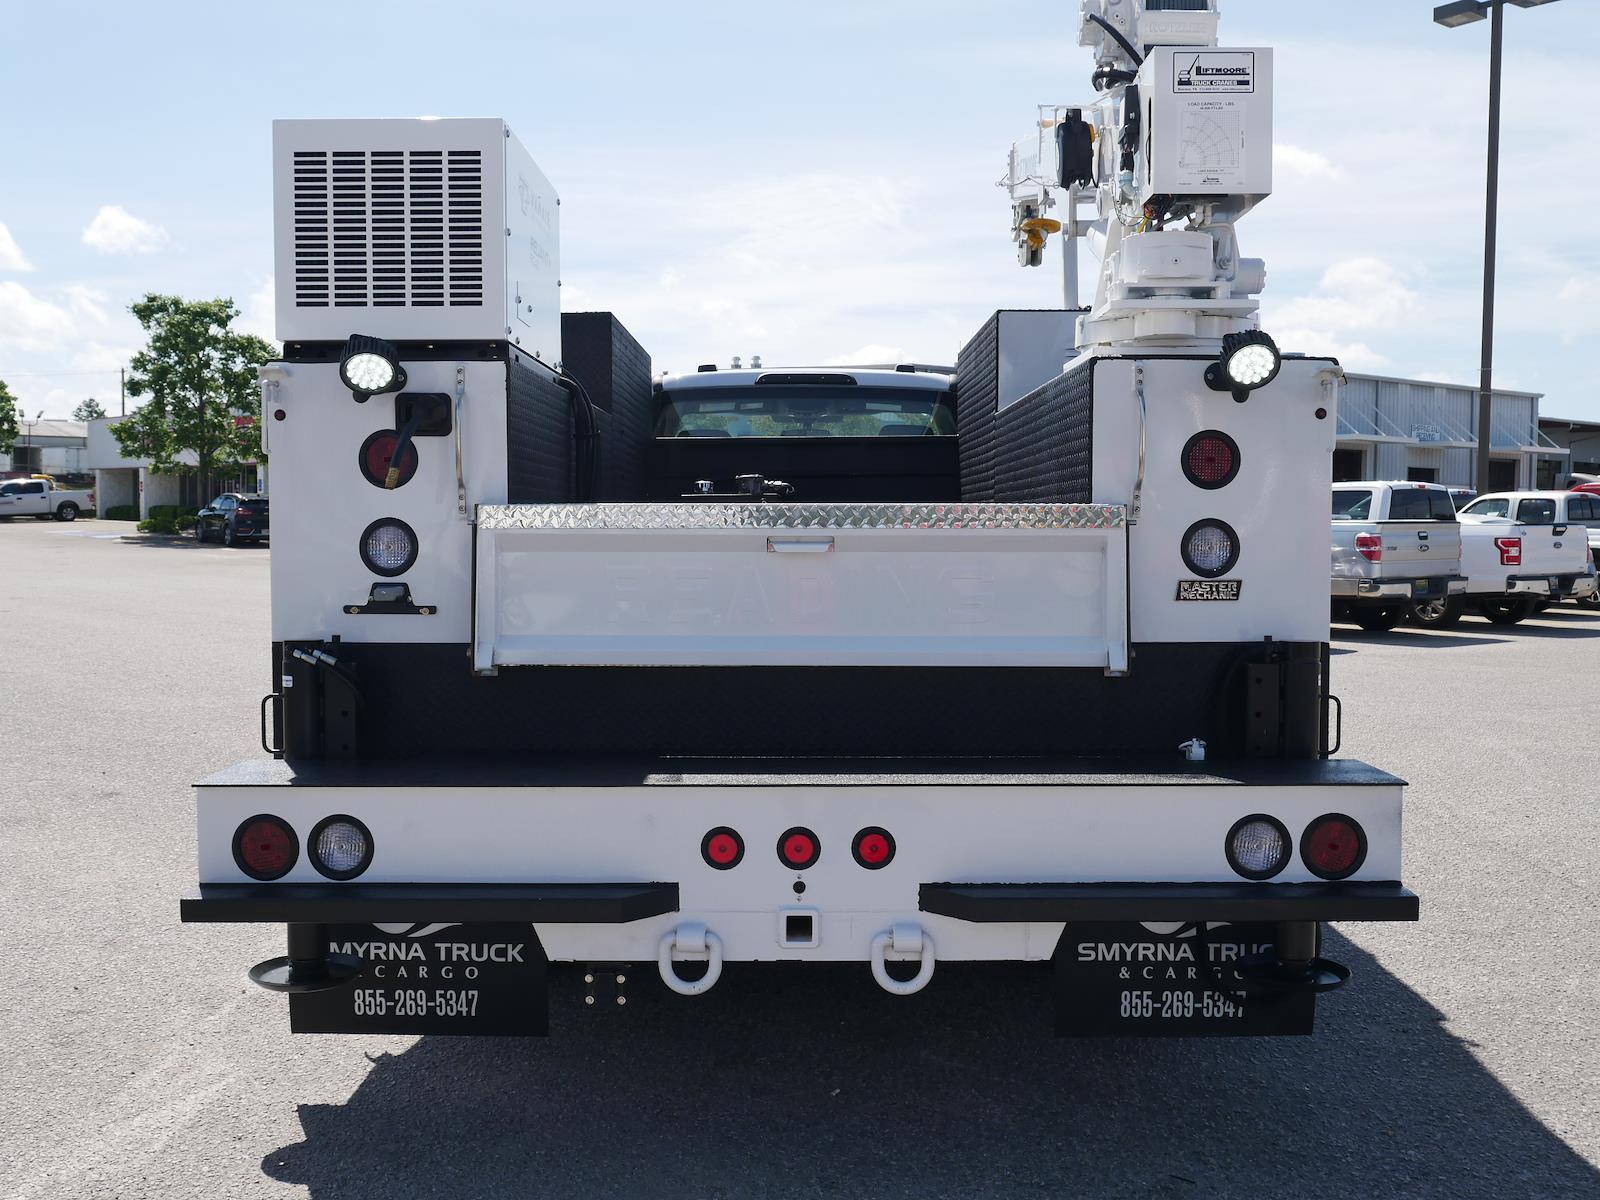 2020 F-550 Regular Cab DRW 4x2, Reading Master Mechanic crane body #LDA14713 - photo 4